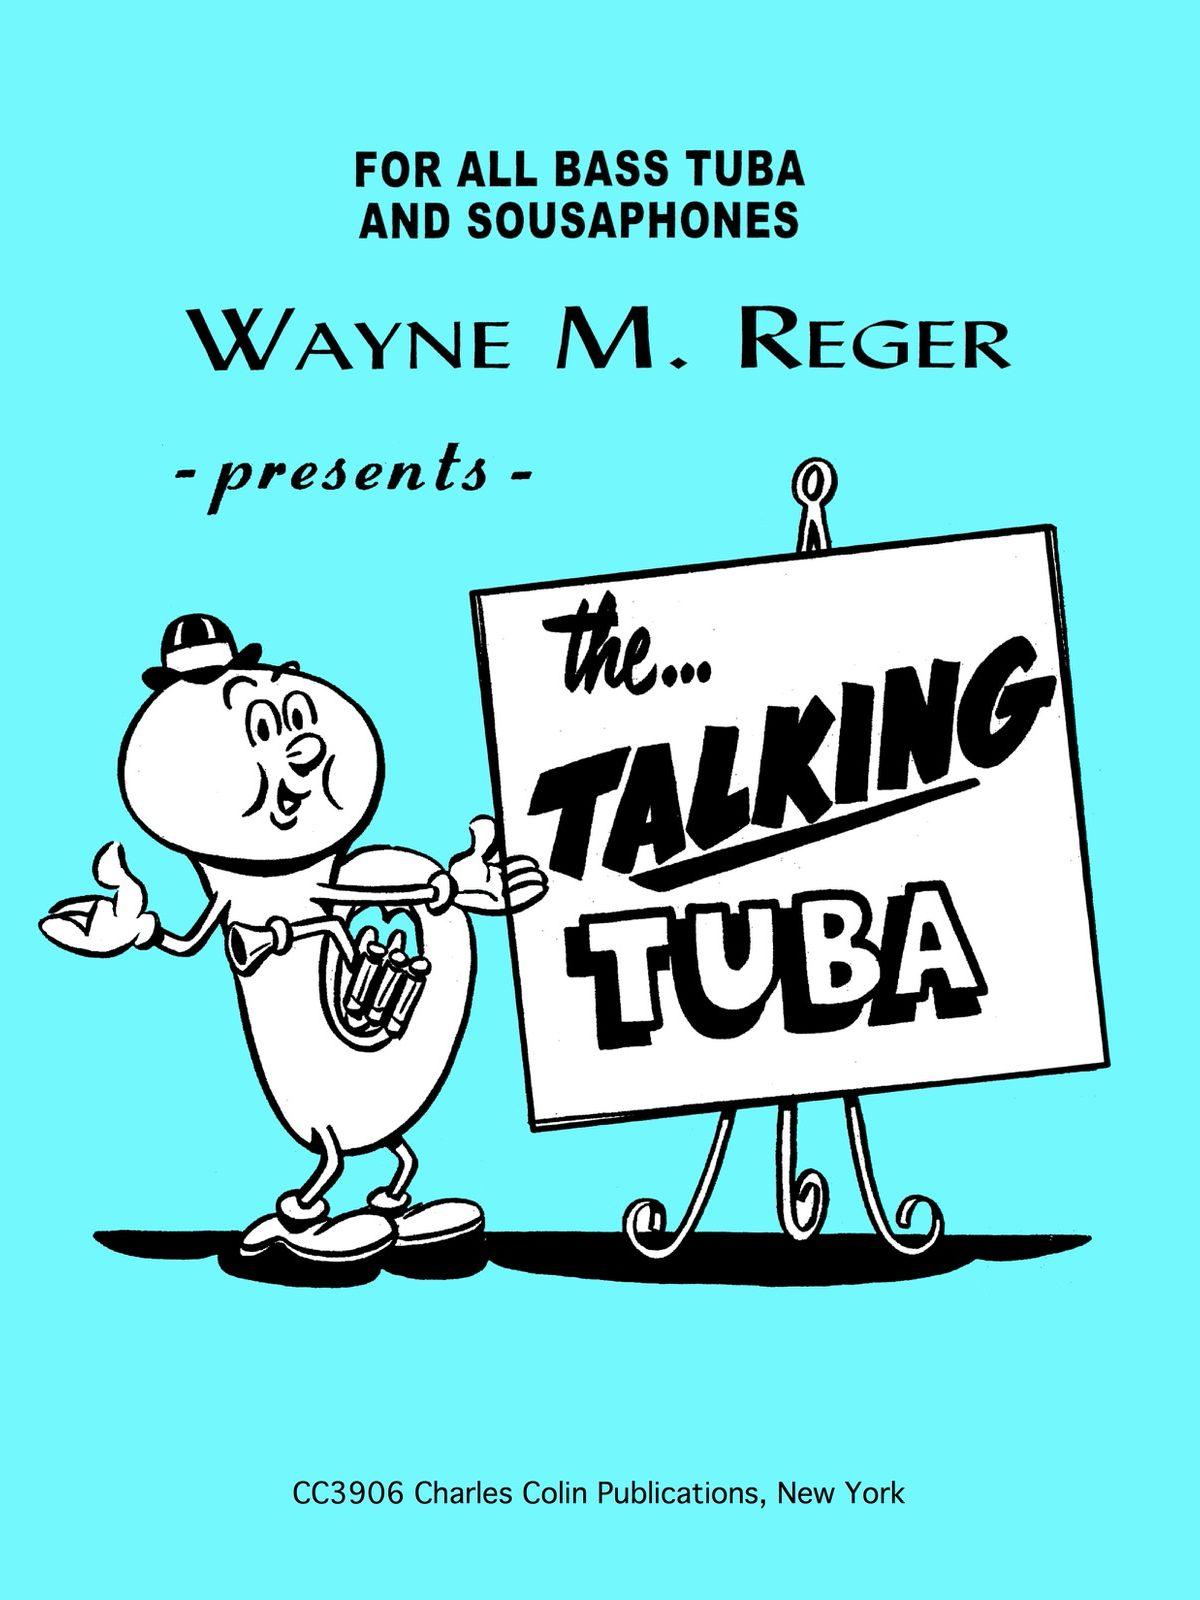 Reger, The Talking Tuba-p01